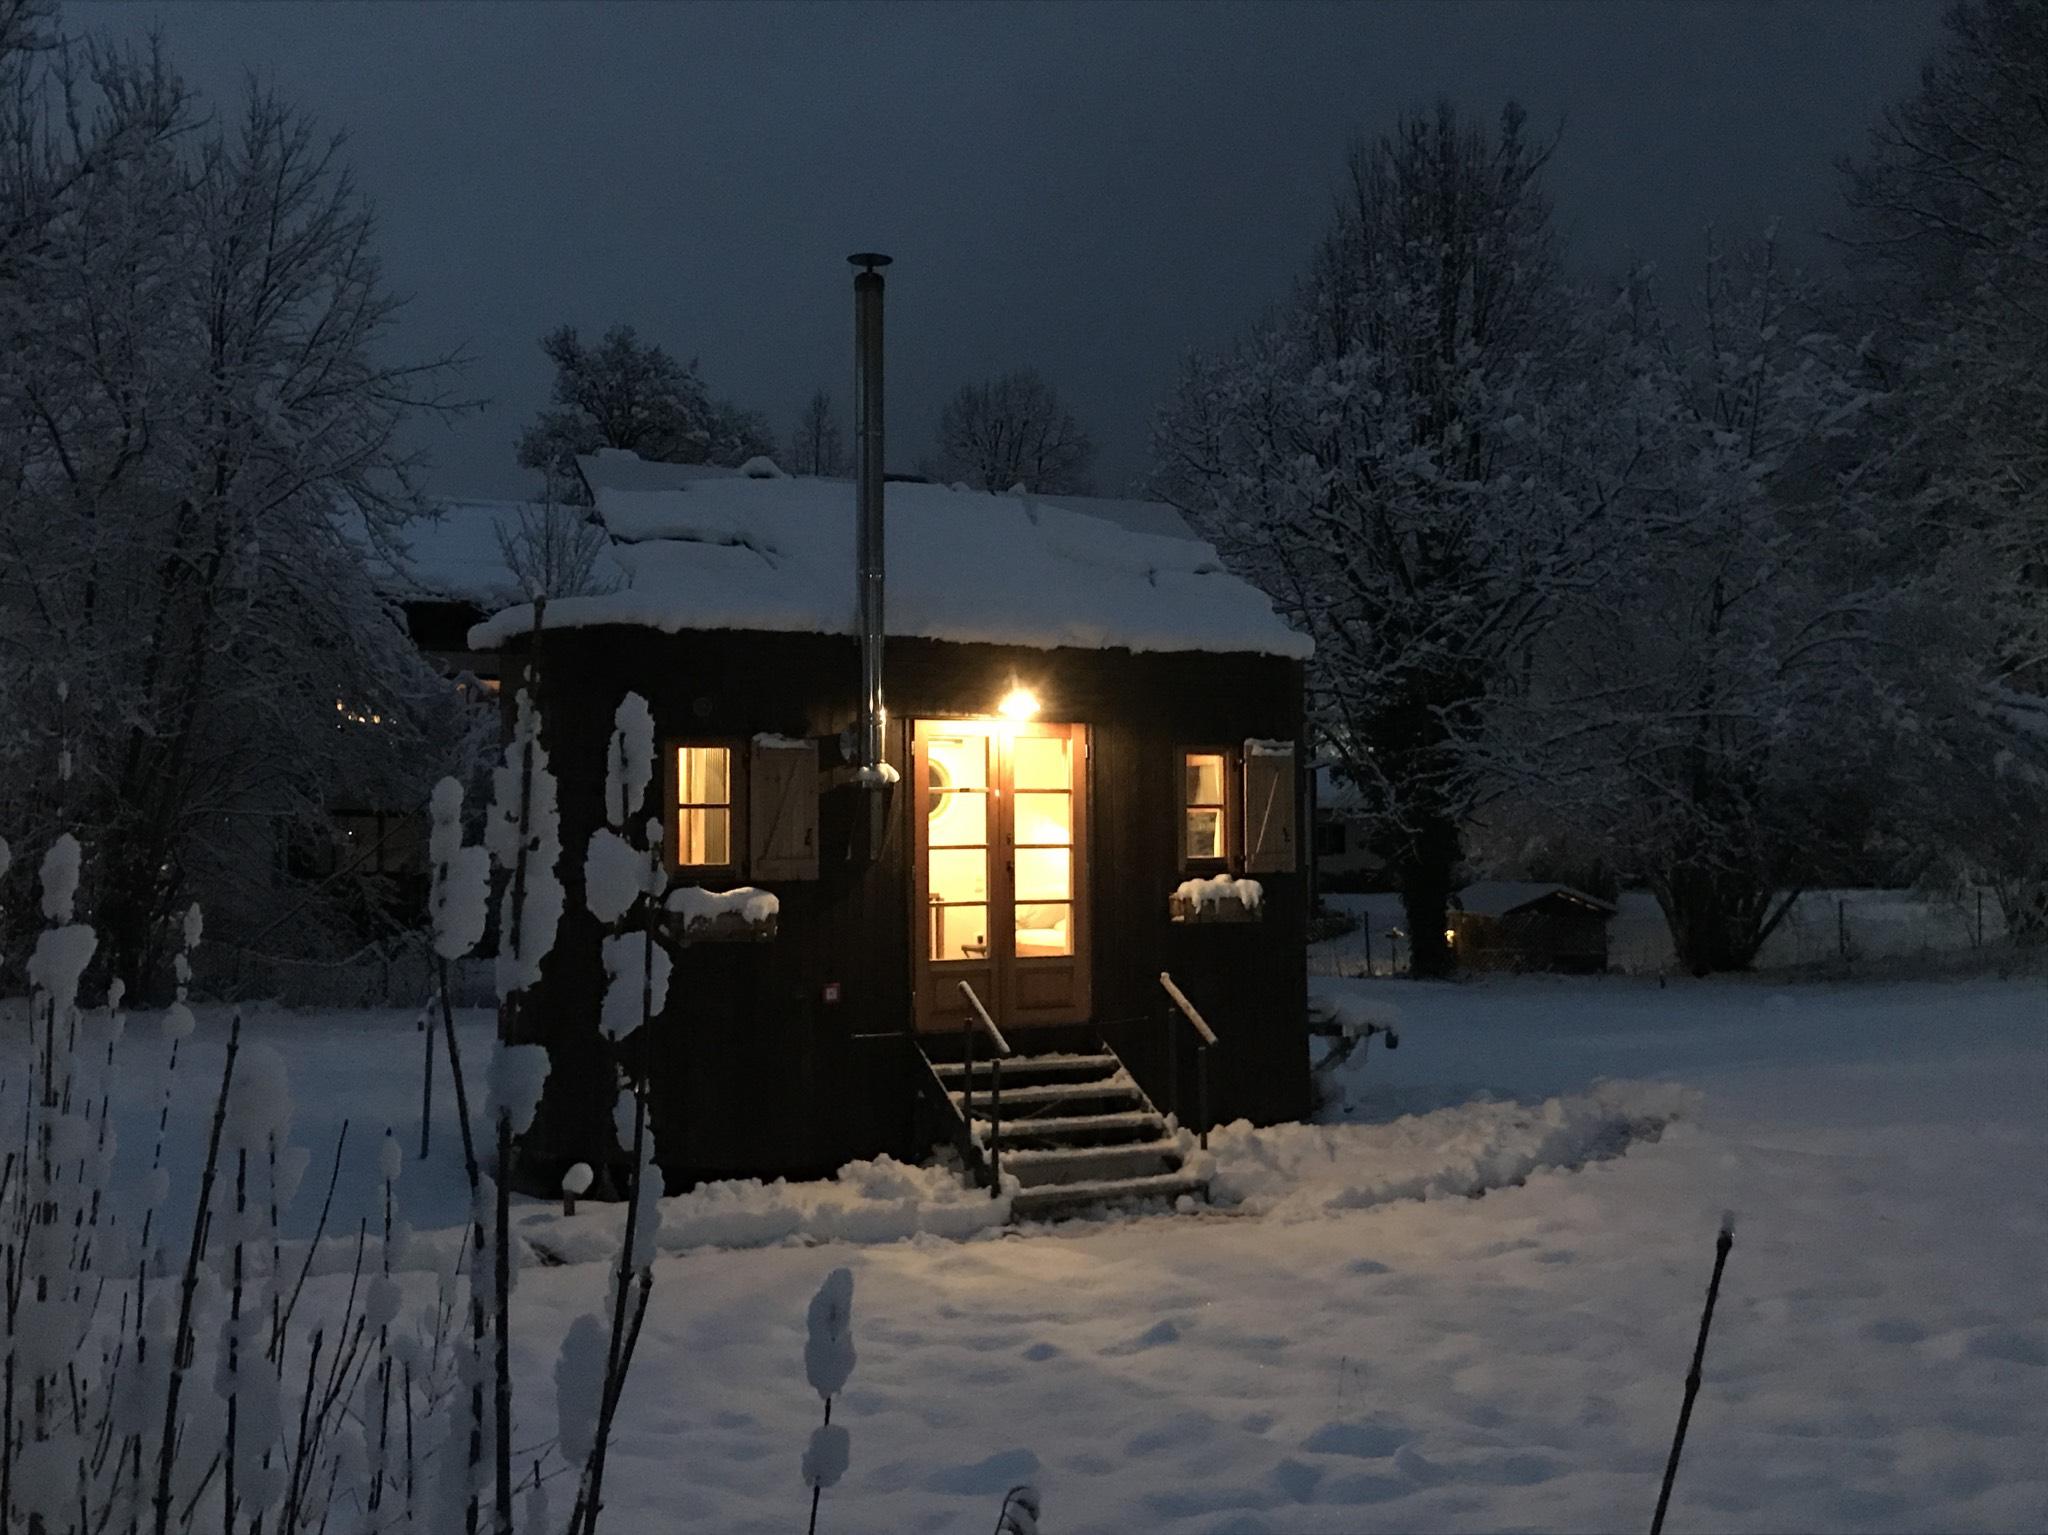 Wohntrend Tiny House Kommt Nach Wurzburg Wurzburg Erleben